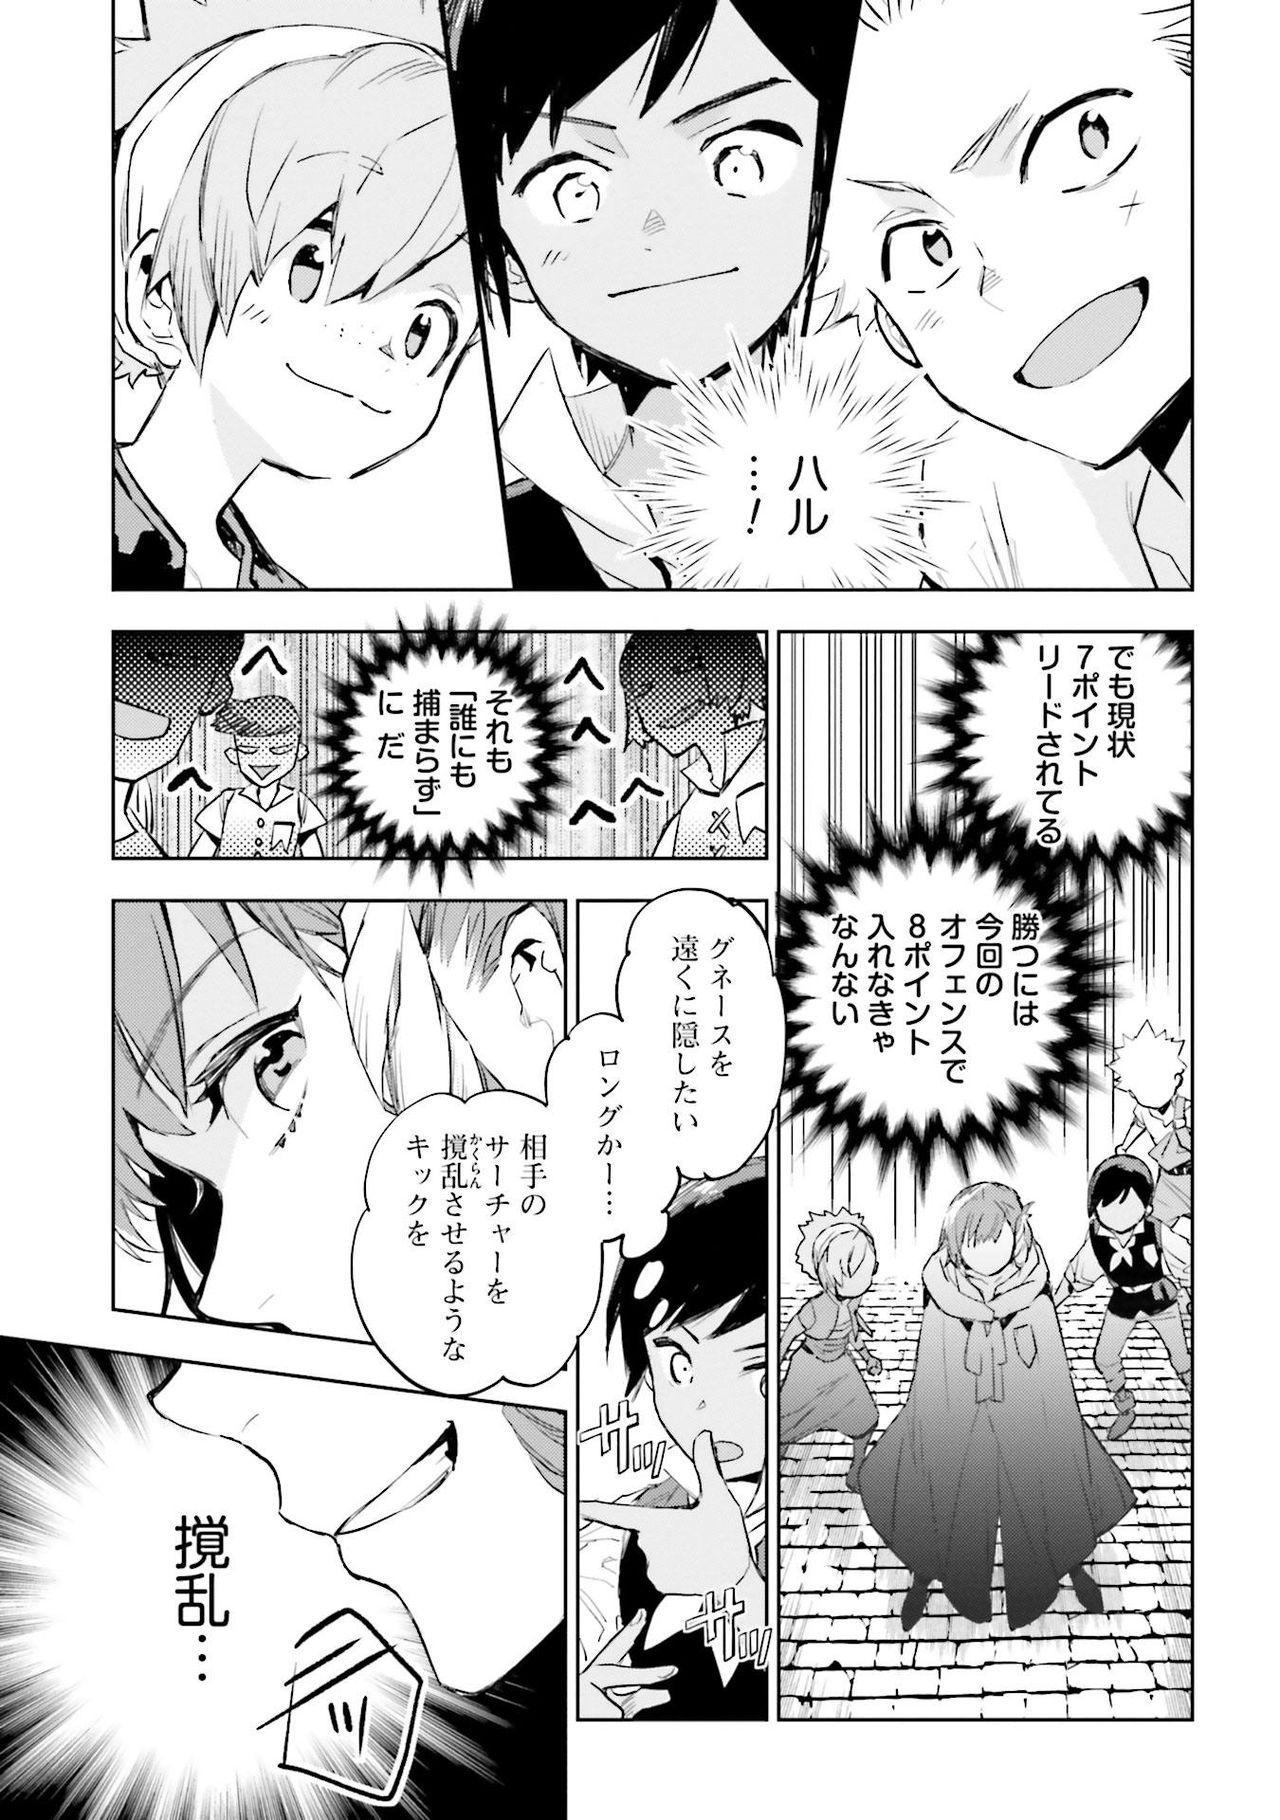 JK Haru wa Isekai de Shoufu ni Natta 1-14 386